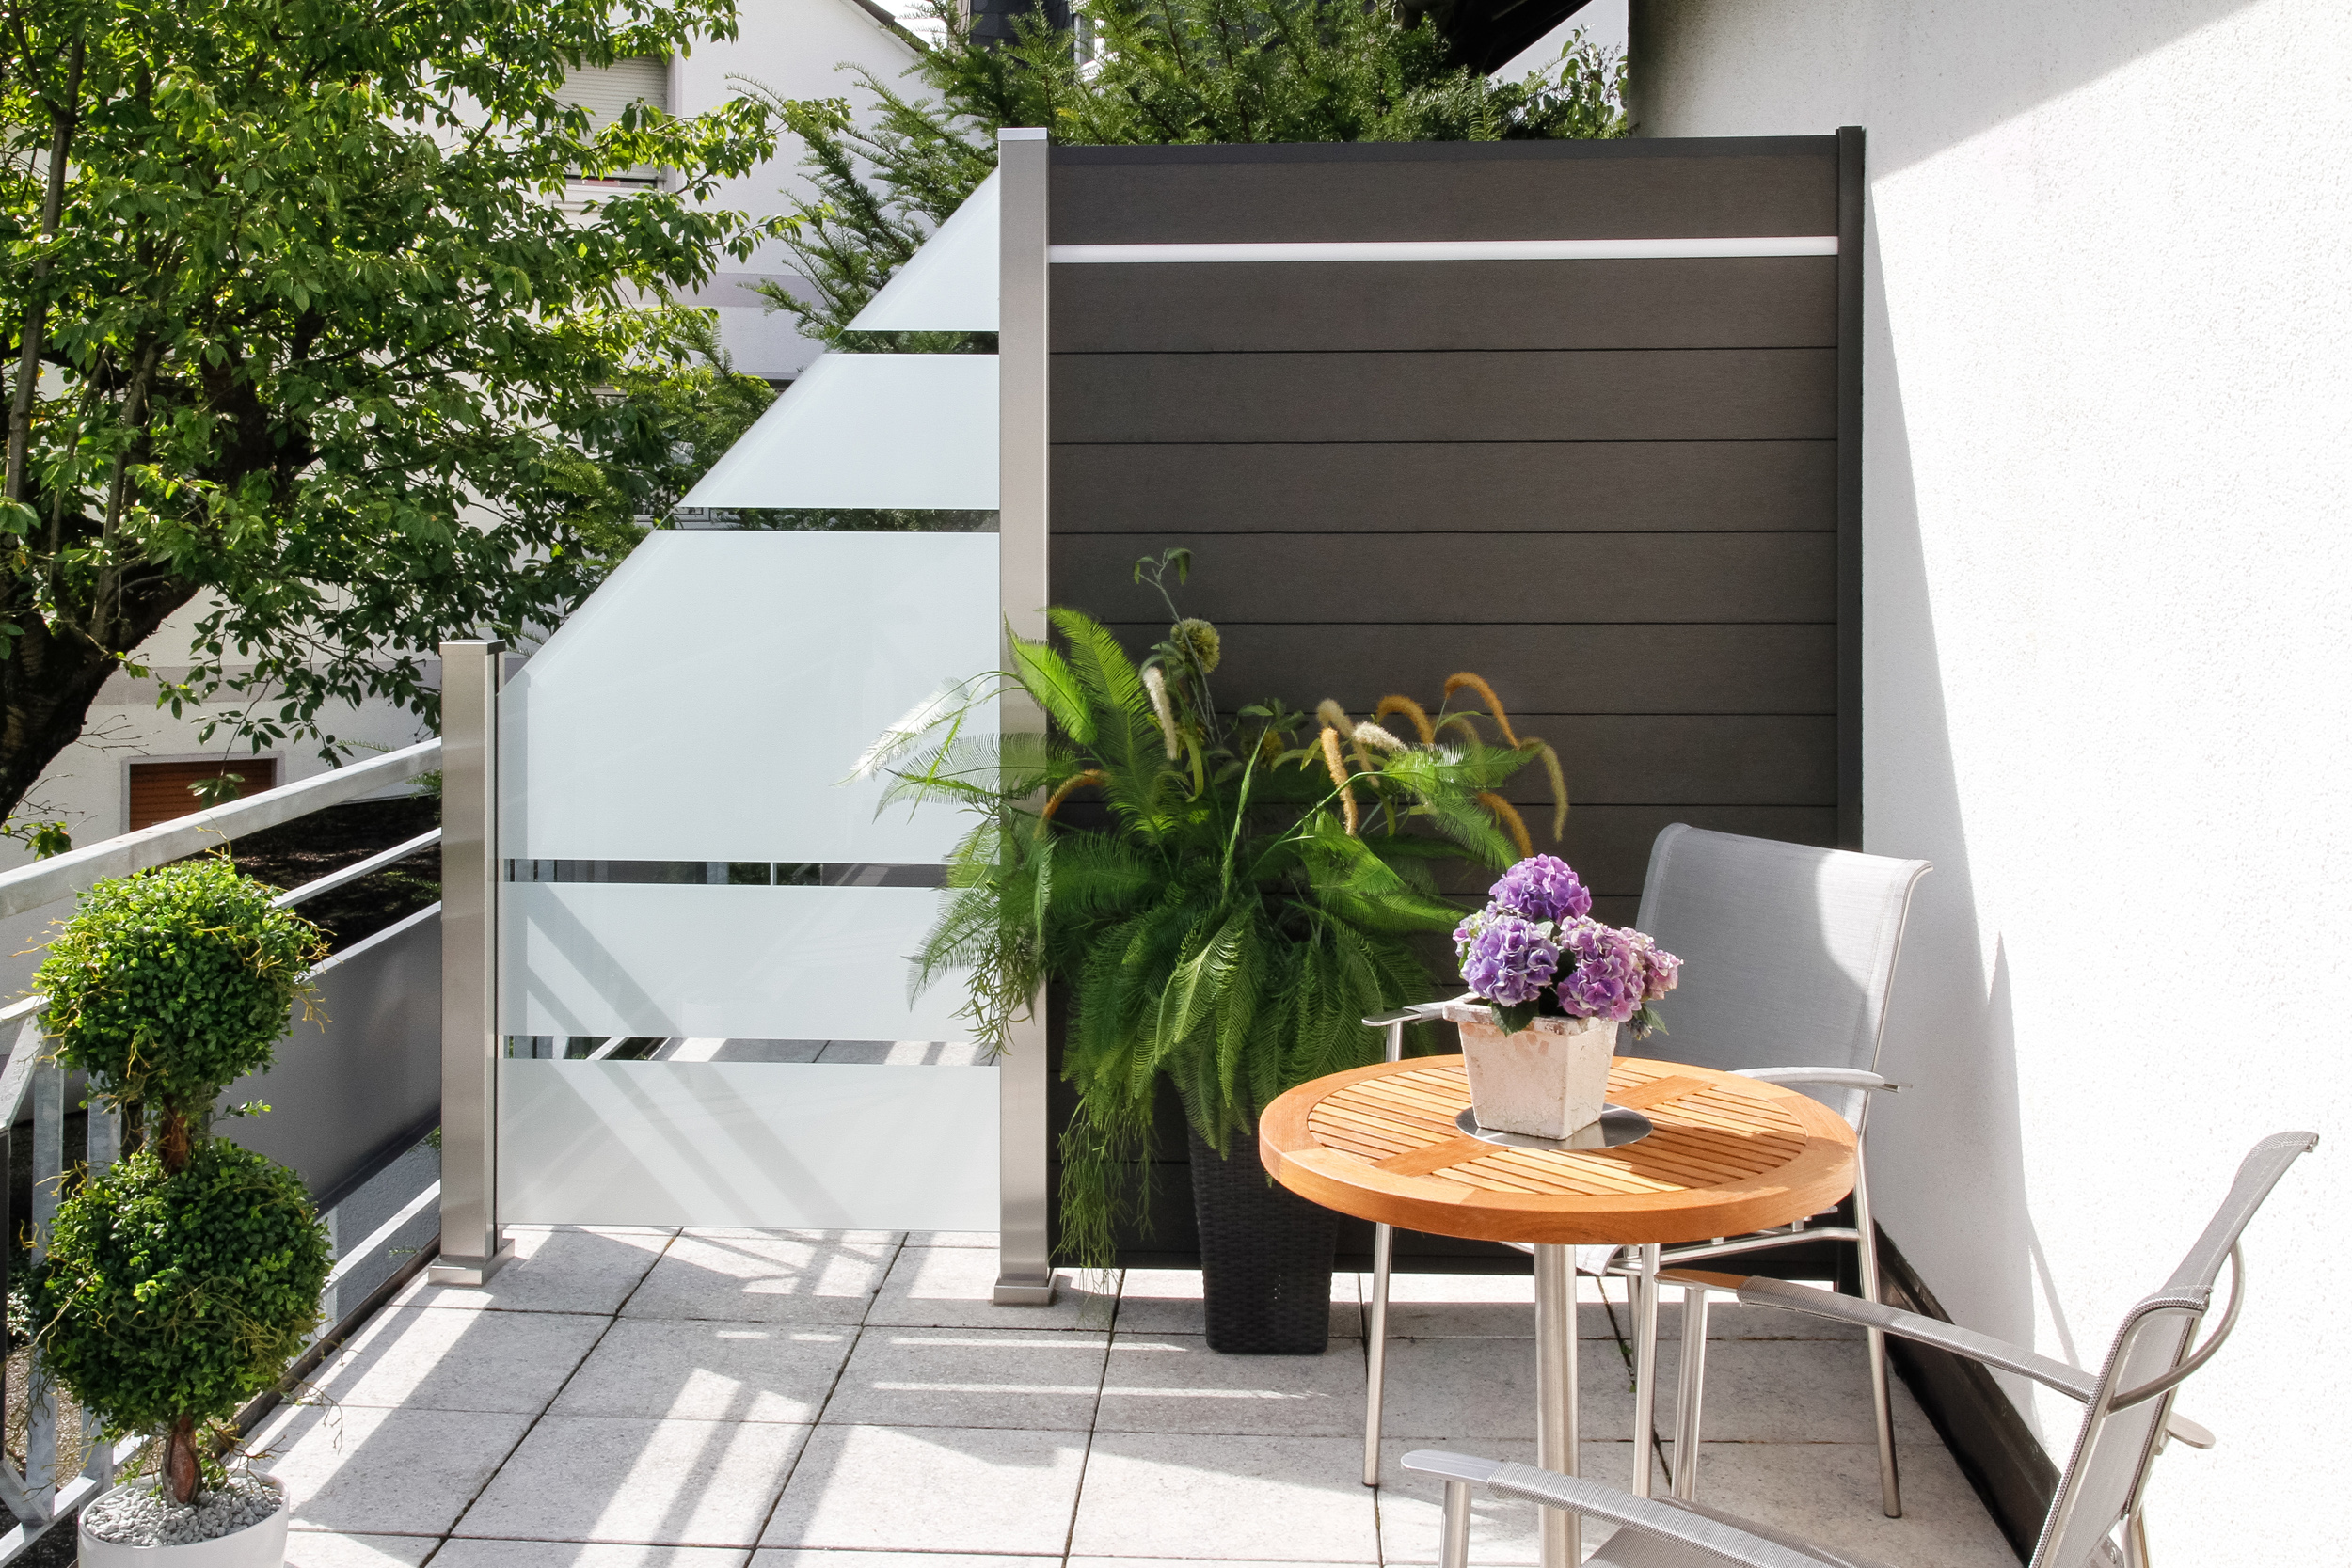 glas im au enbereich freie sicht und sicherer windschutz. Black Bedroom Furniture Sets. Home Design Ideas